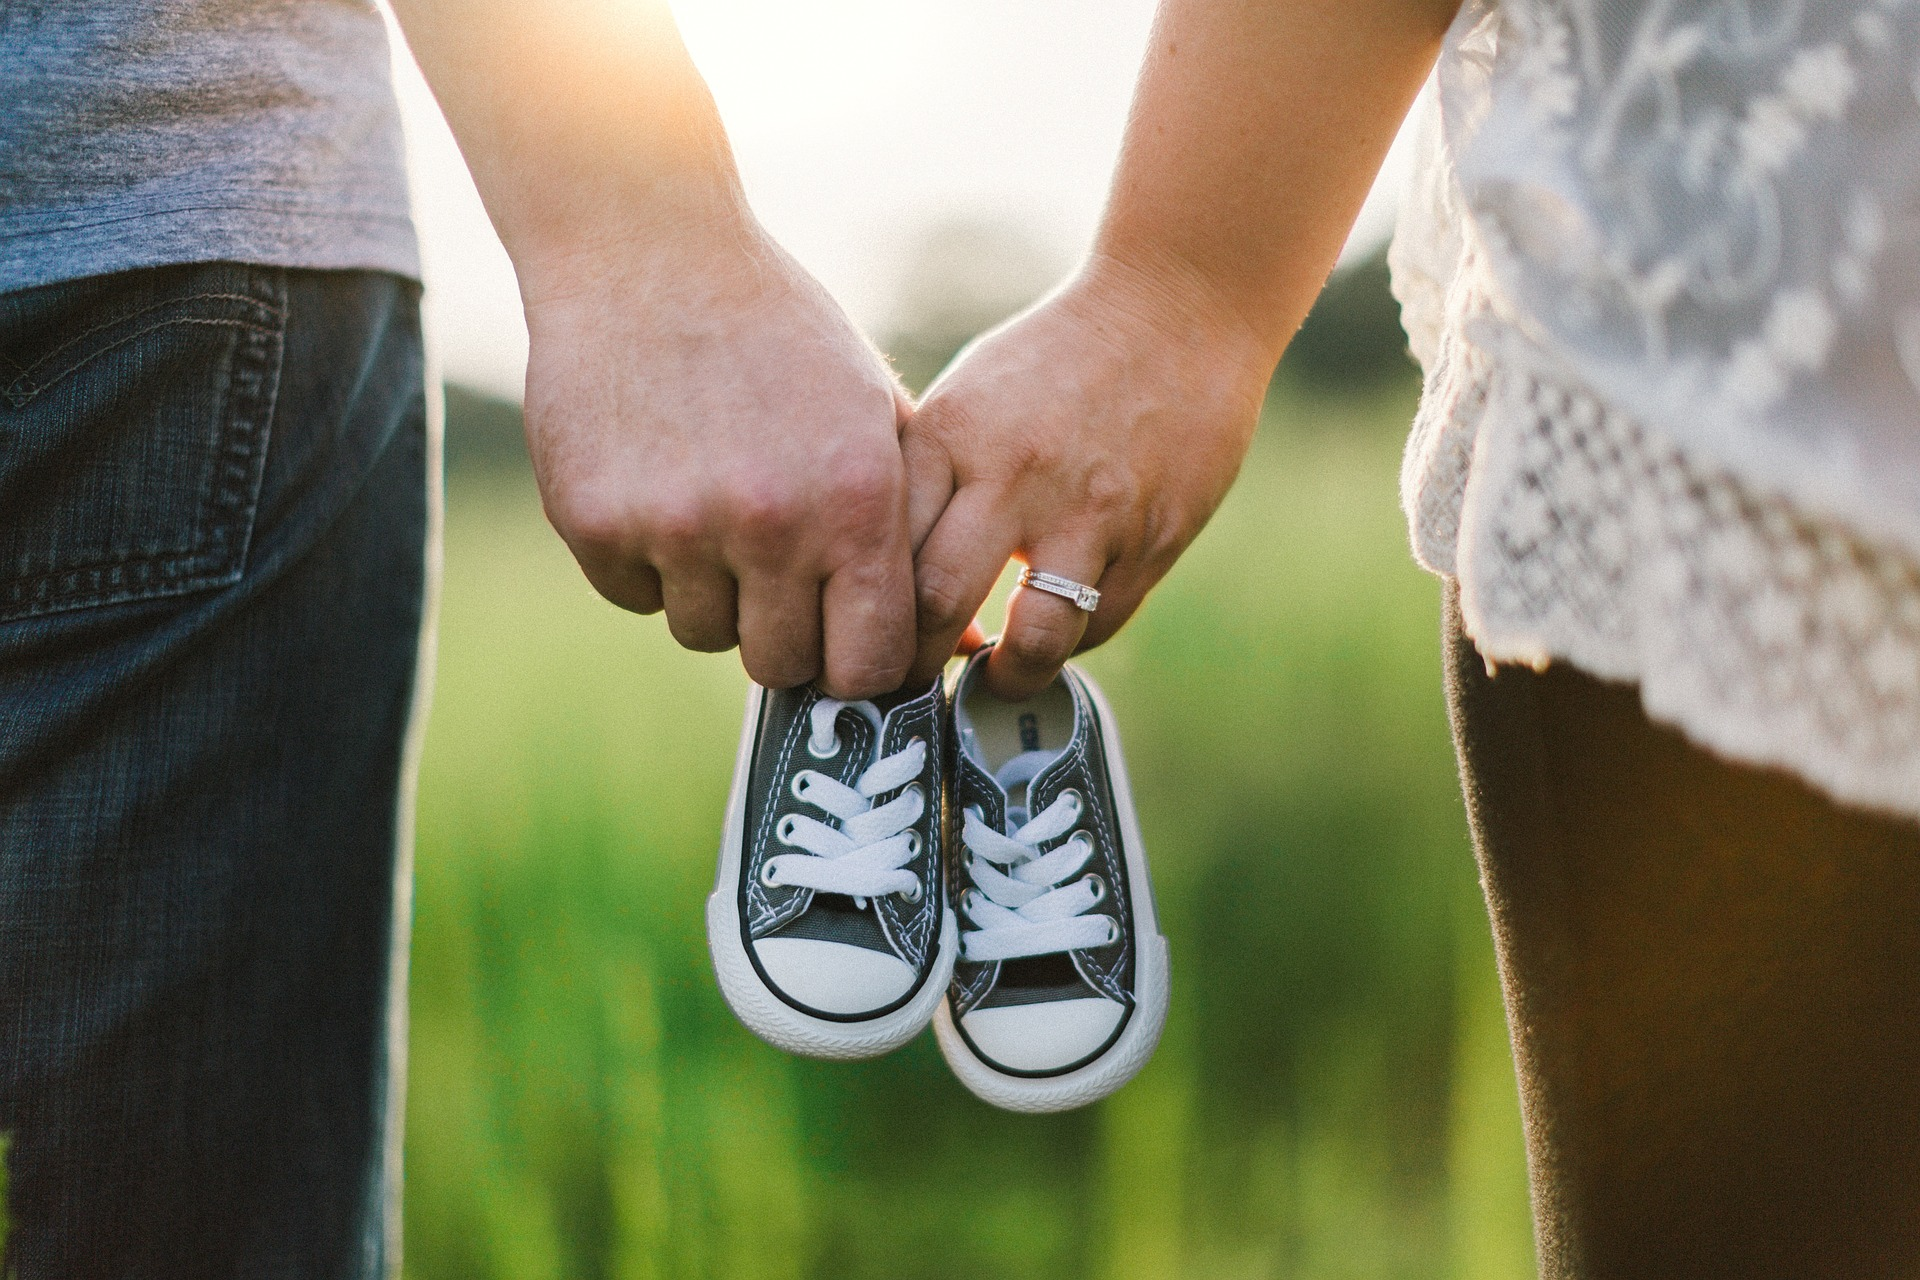 O que é a preservação de fertilidade? E a oncofertilidade?